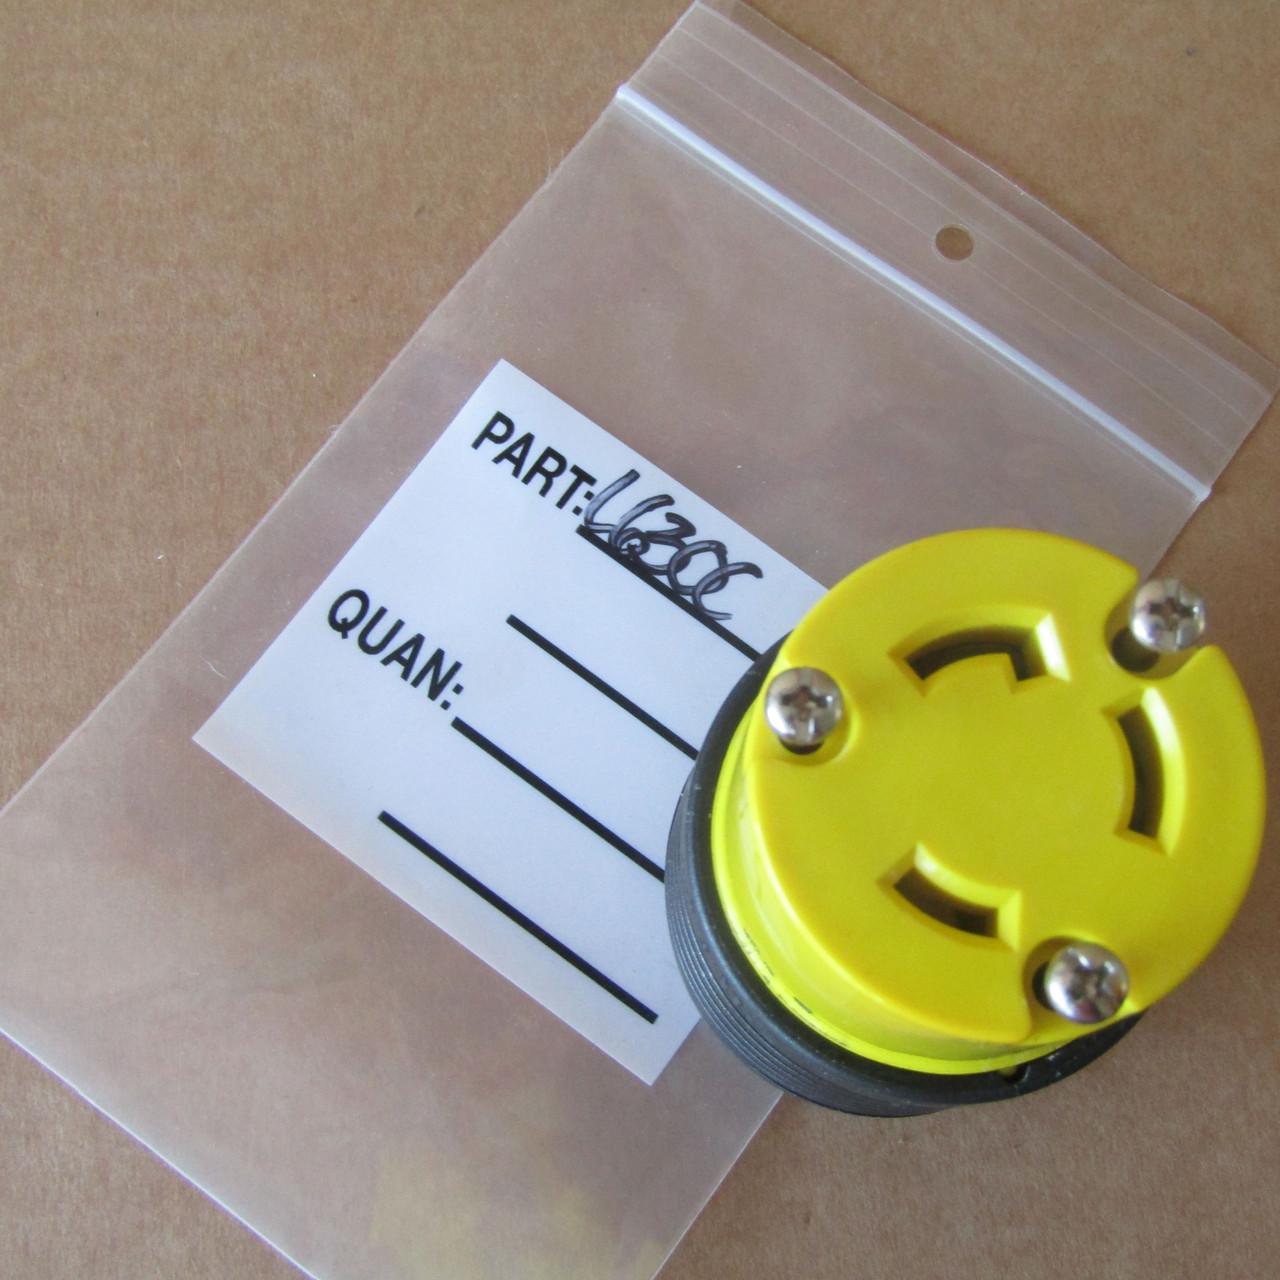 Legrand L630-C Turnlok Plug 30A 250V  2P 3W Grdg Nema L6-30R Yellow - New